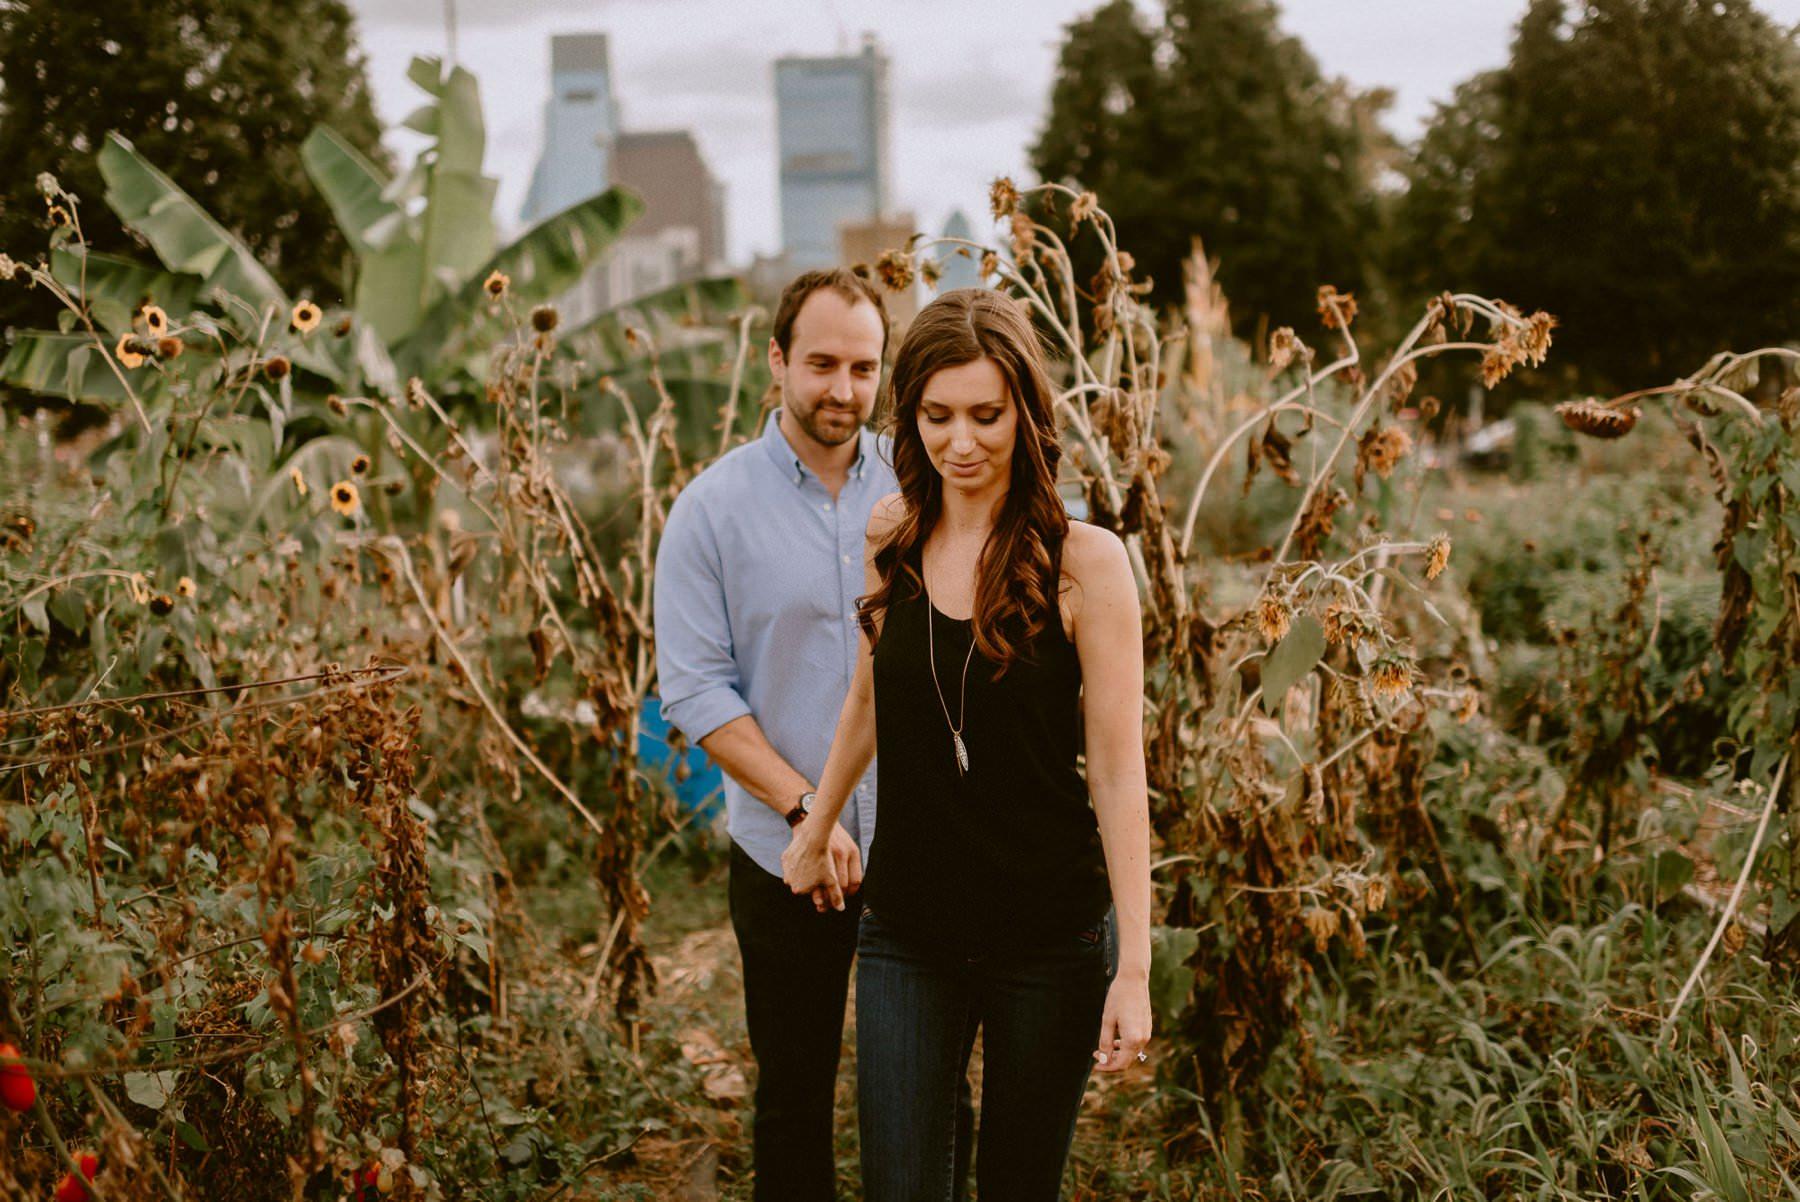 Philadelphia_Engagement_session-23.jpg